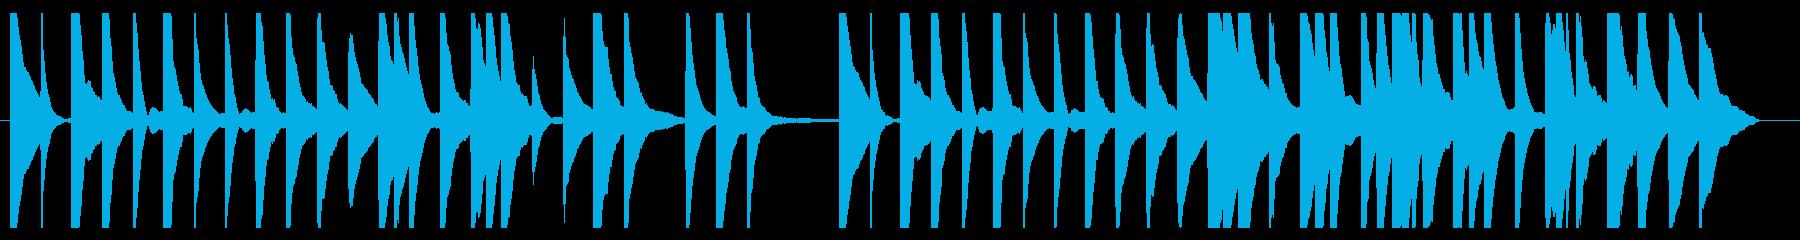 1分・CM・素朴なピアノメロディーソロの再生済みの波形